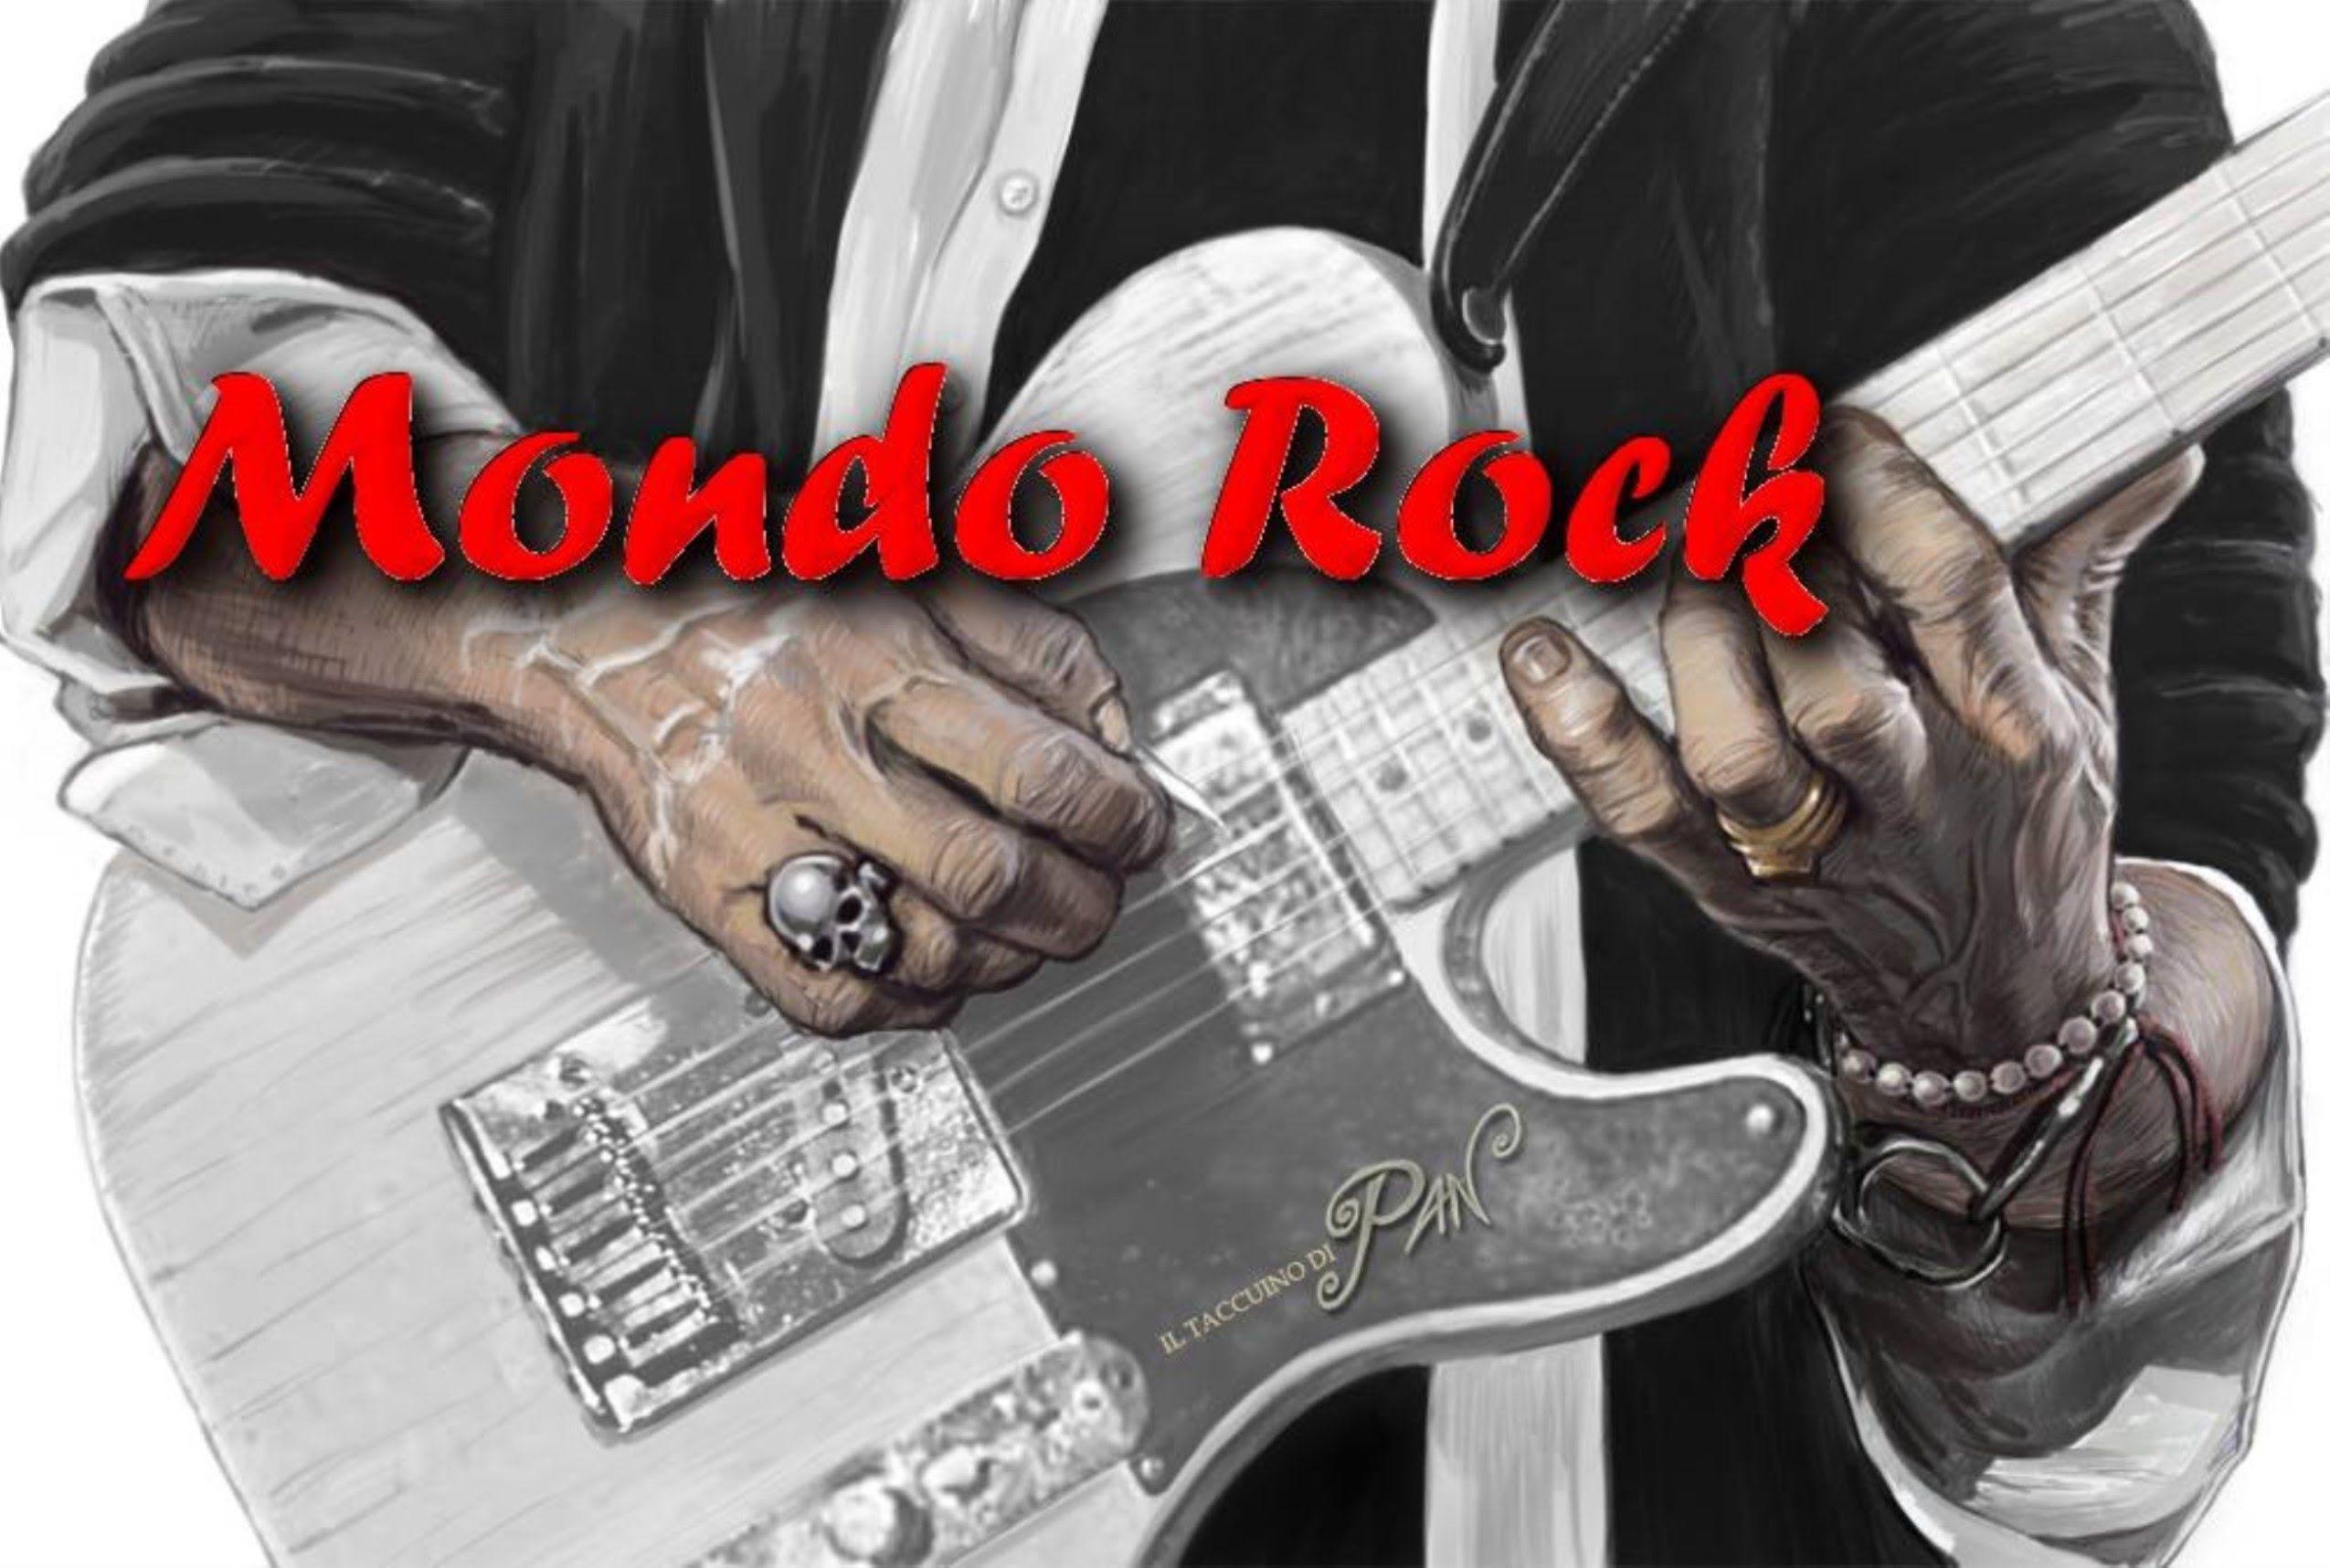 La Storia del Rock   5a puntata   Le avanguardie, parte 3